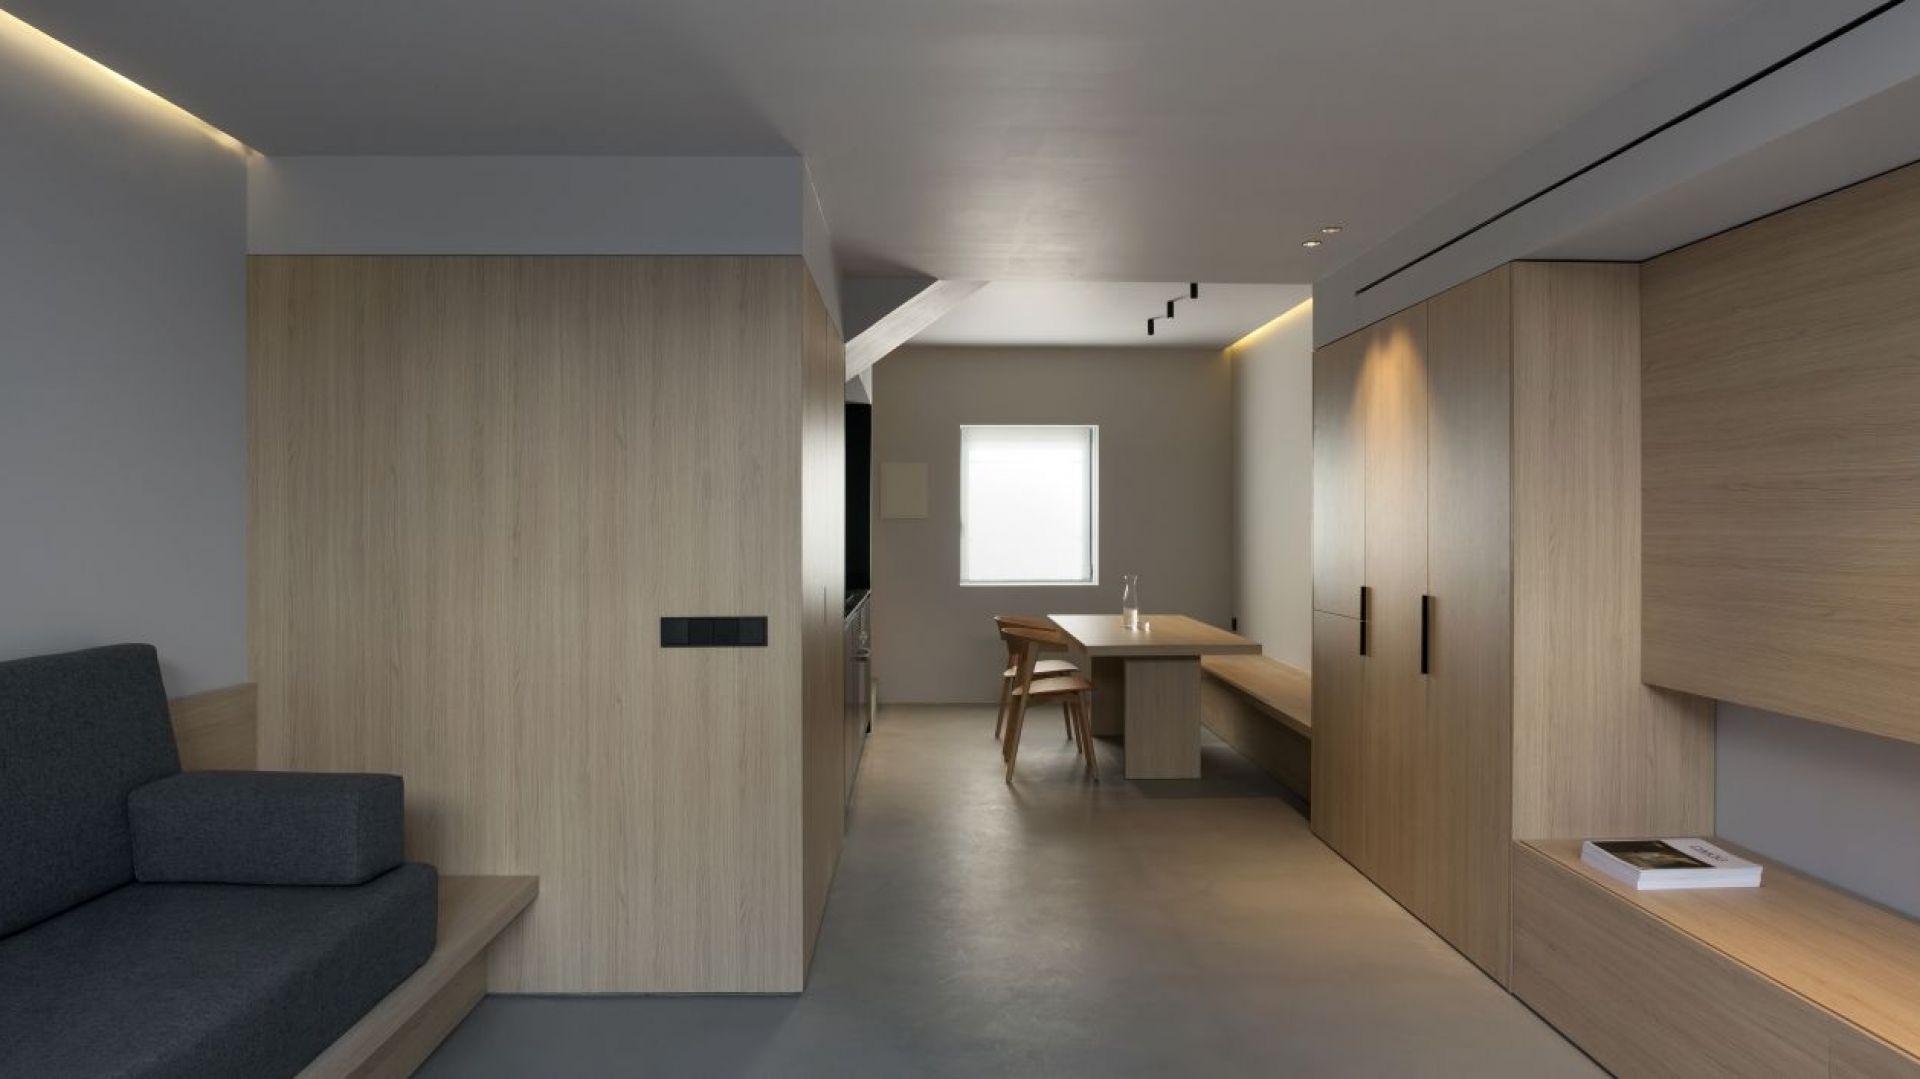 Zgodnie z życzeniem właściciela, poddasze zostało zaprojektowane tak, aby stworzyć strefę całkowitej prywatności, do której można się dostać przez stalowe, lakierowane schody zintegrowane ze ścianą. Fot. Ritmonio